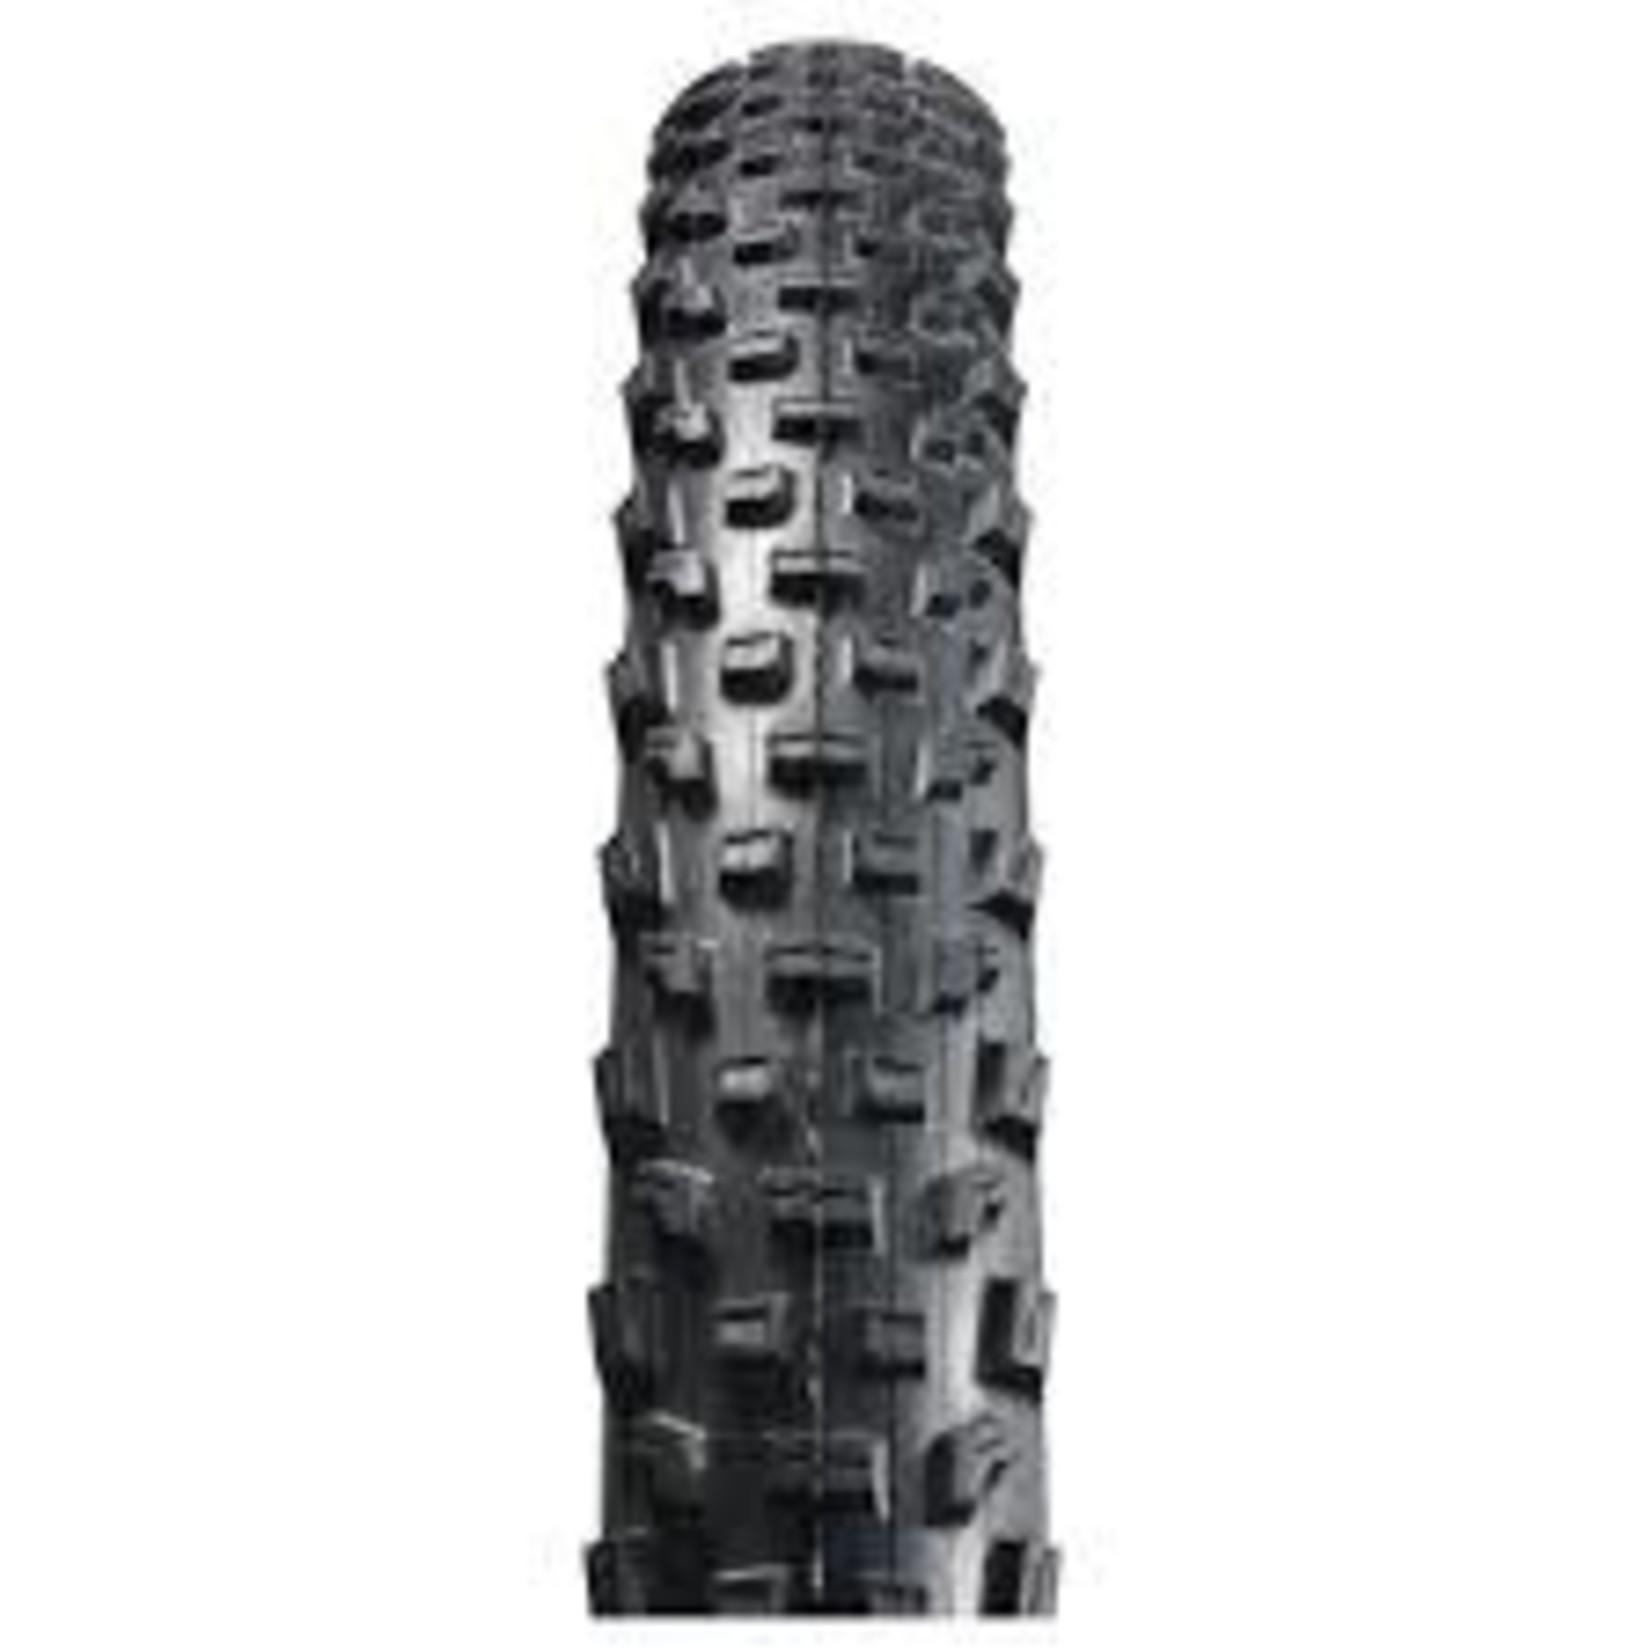 Specialized Specialized Ground Control Sport Wire Bead Tire, 650Bx2.3